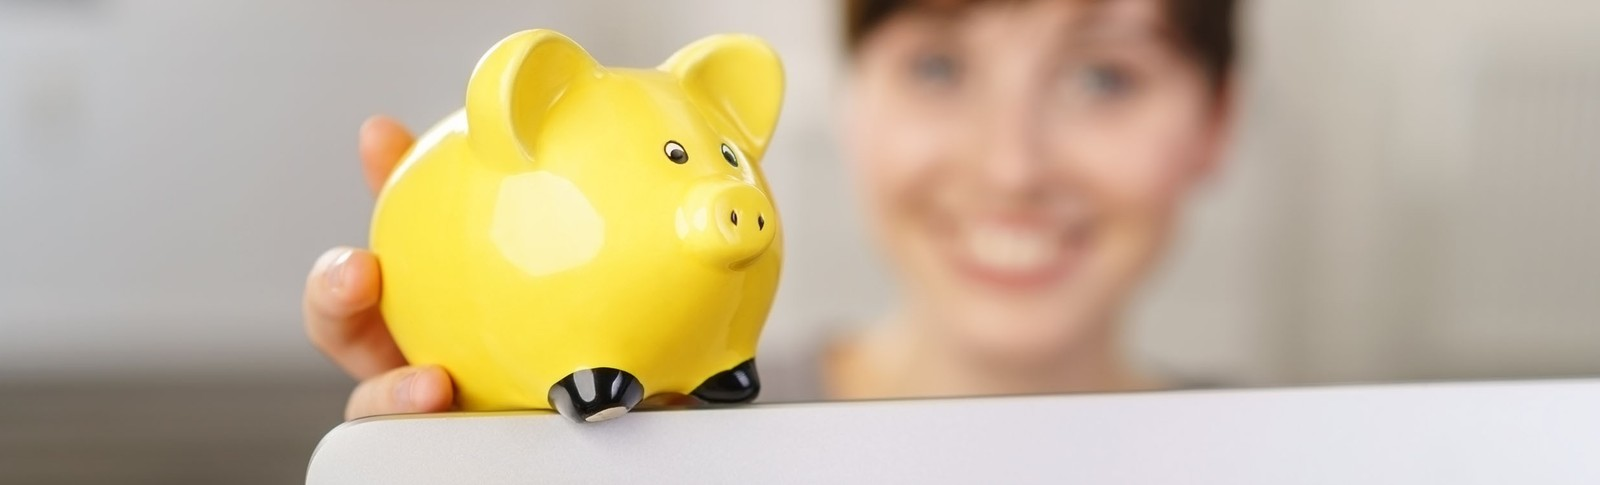 Frau hält gelbes Sparschwein in der Hand, denn in den Moser Kliniken kann sie ihre Haartransplantation auf Raten bezahlen